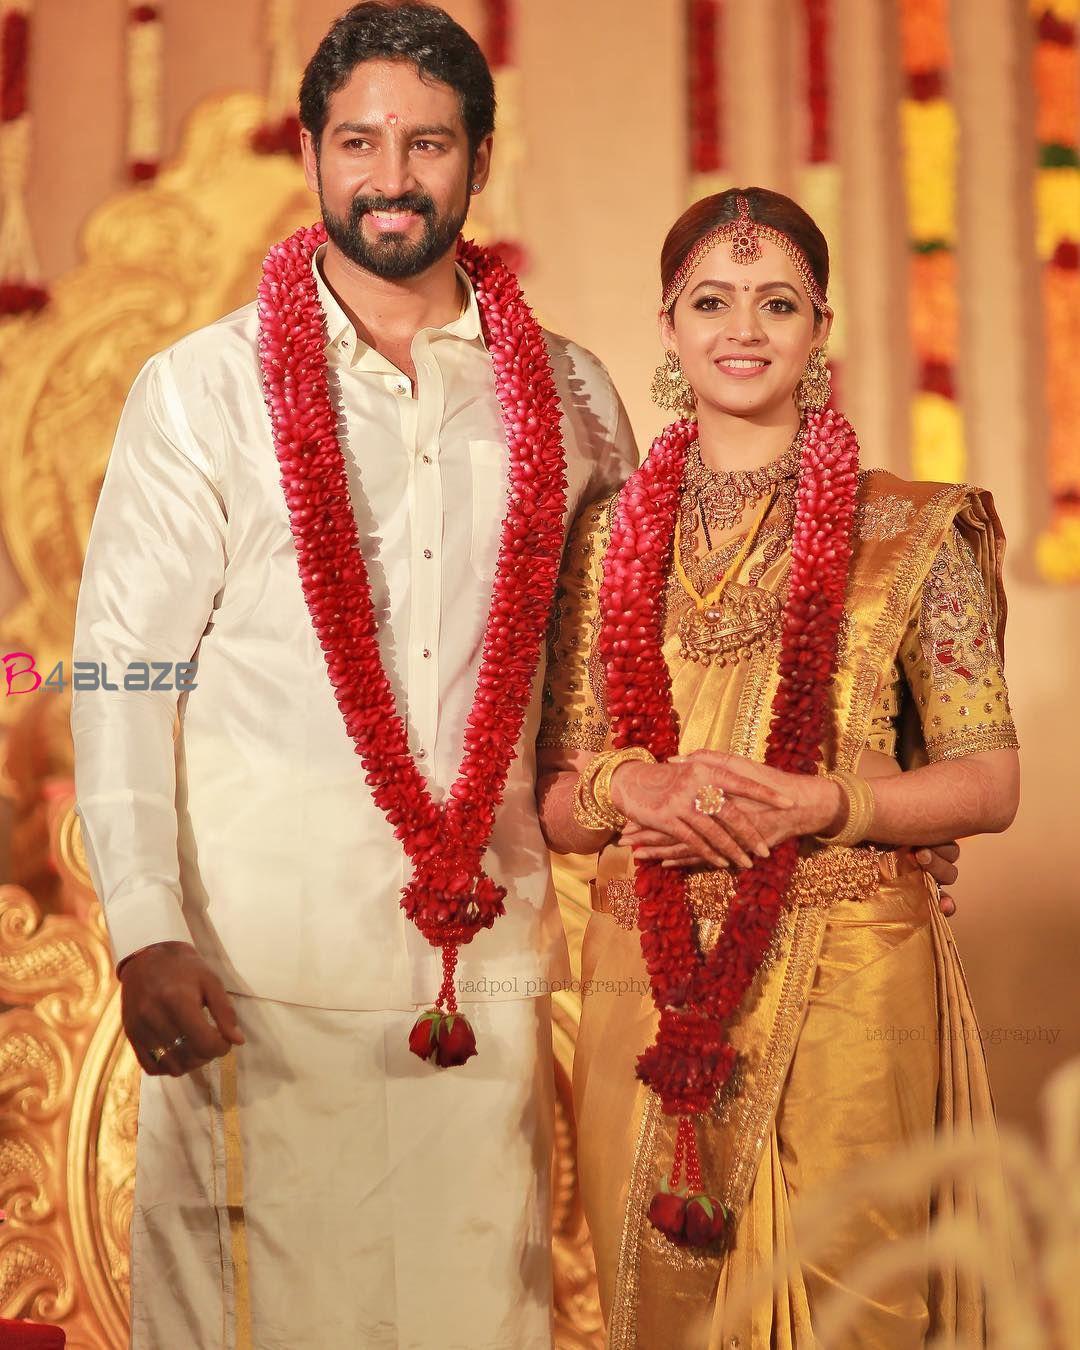 bhavan wedding images